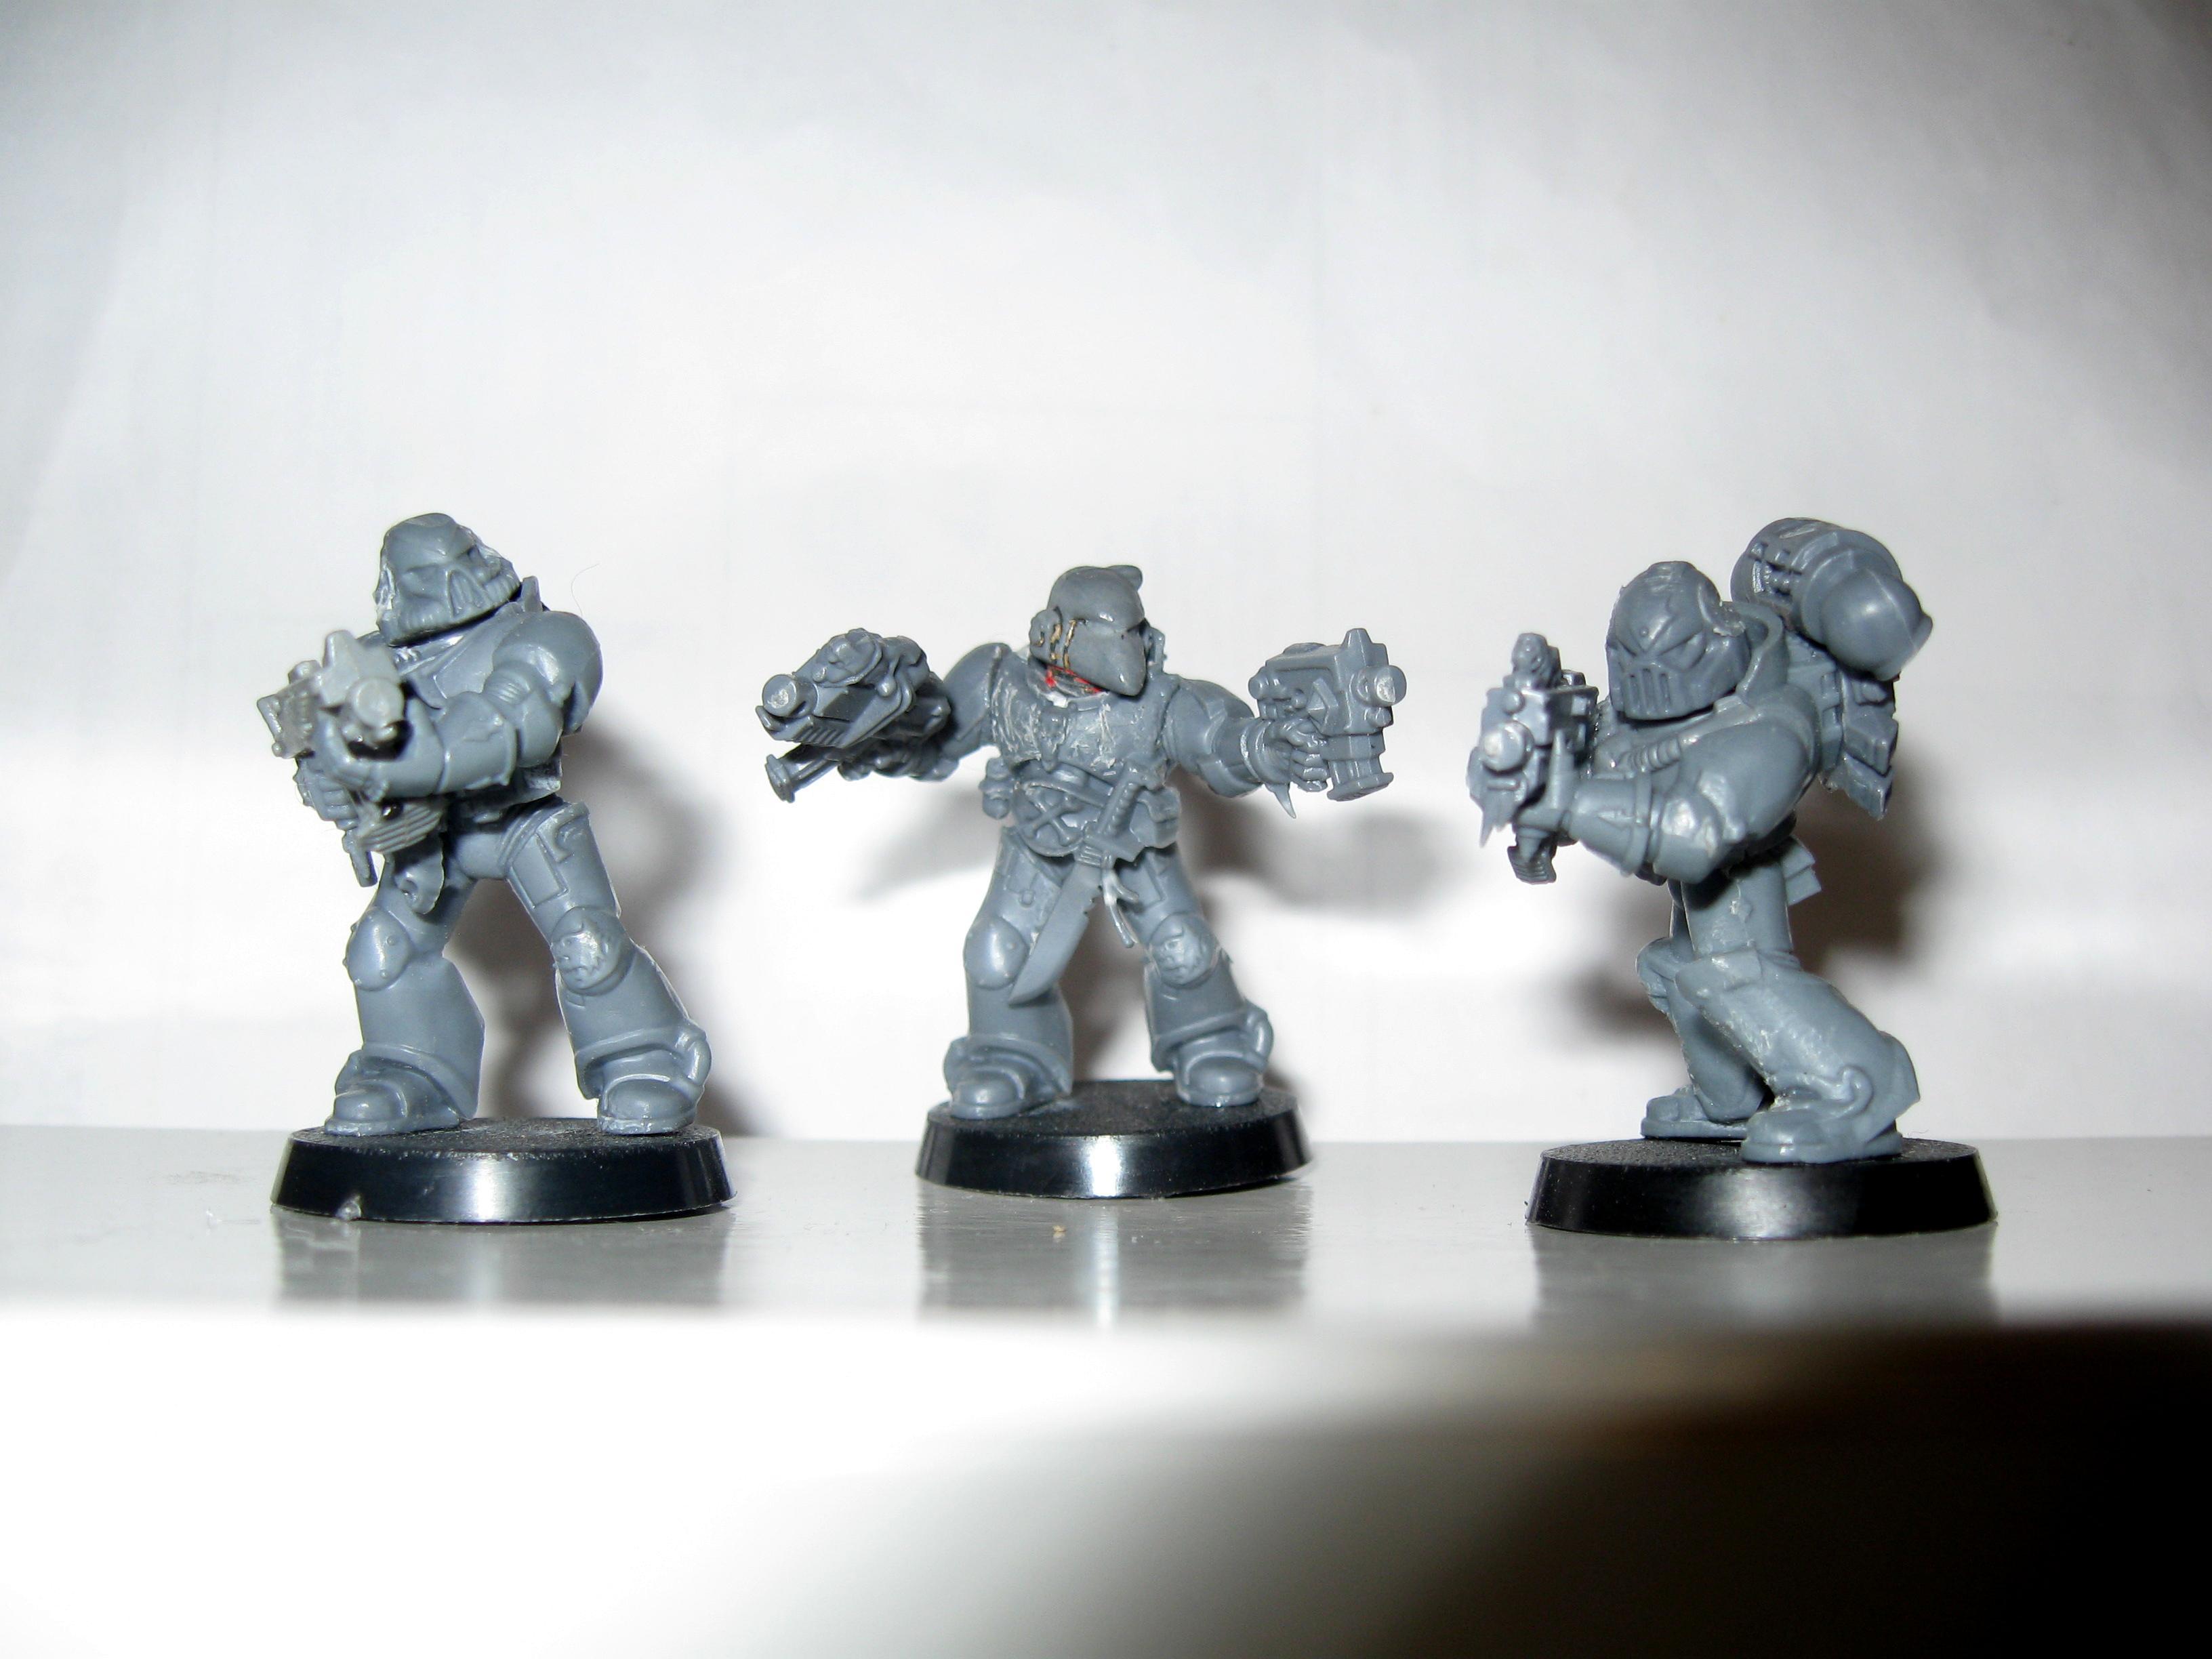 Stern Guard